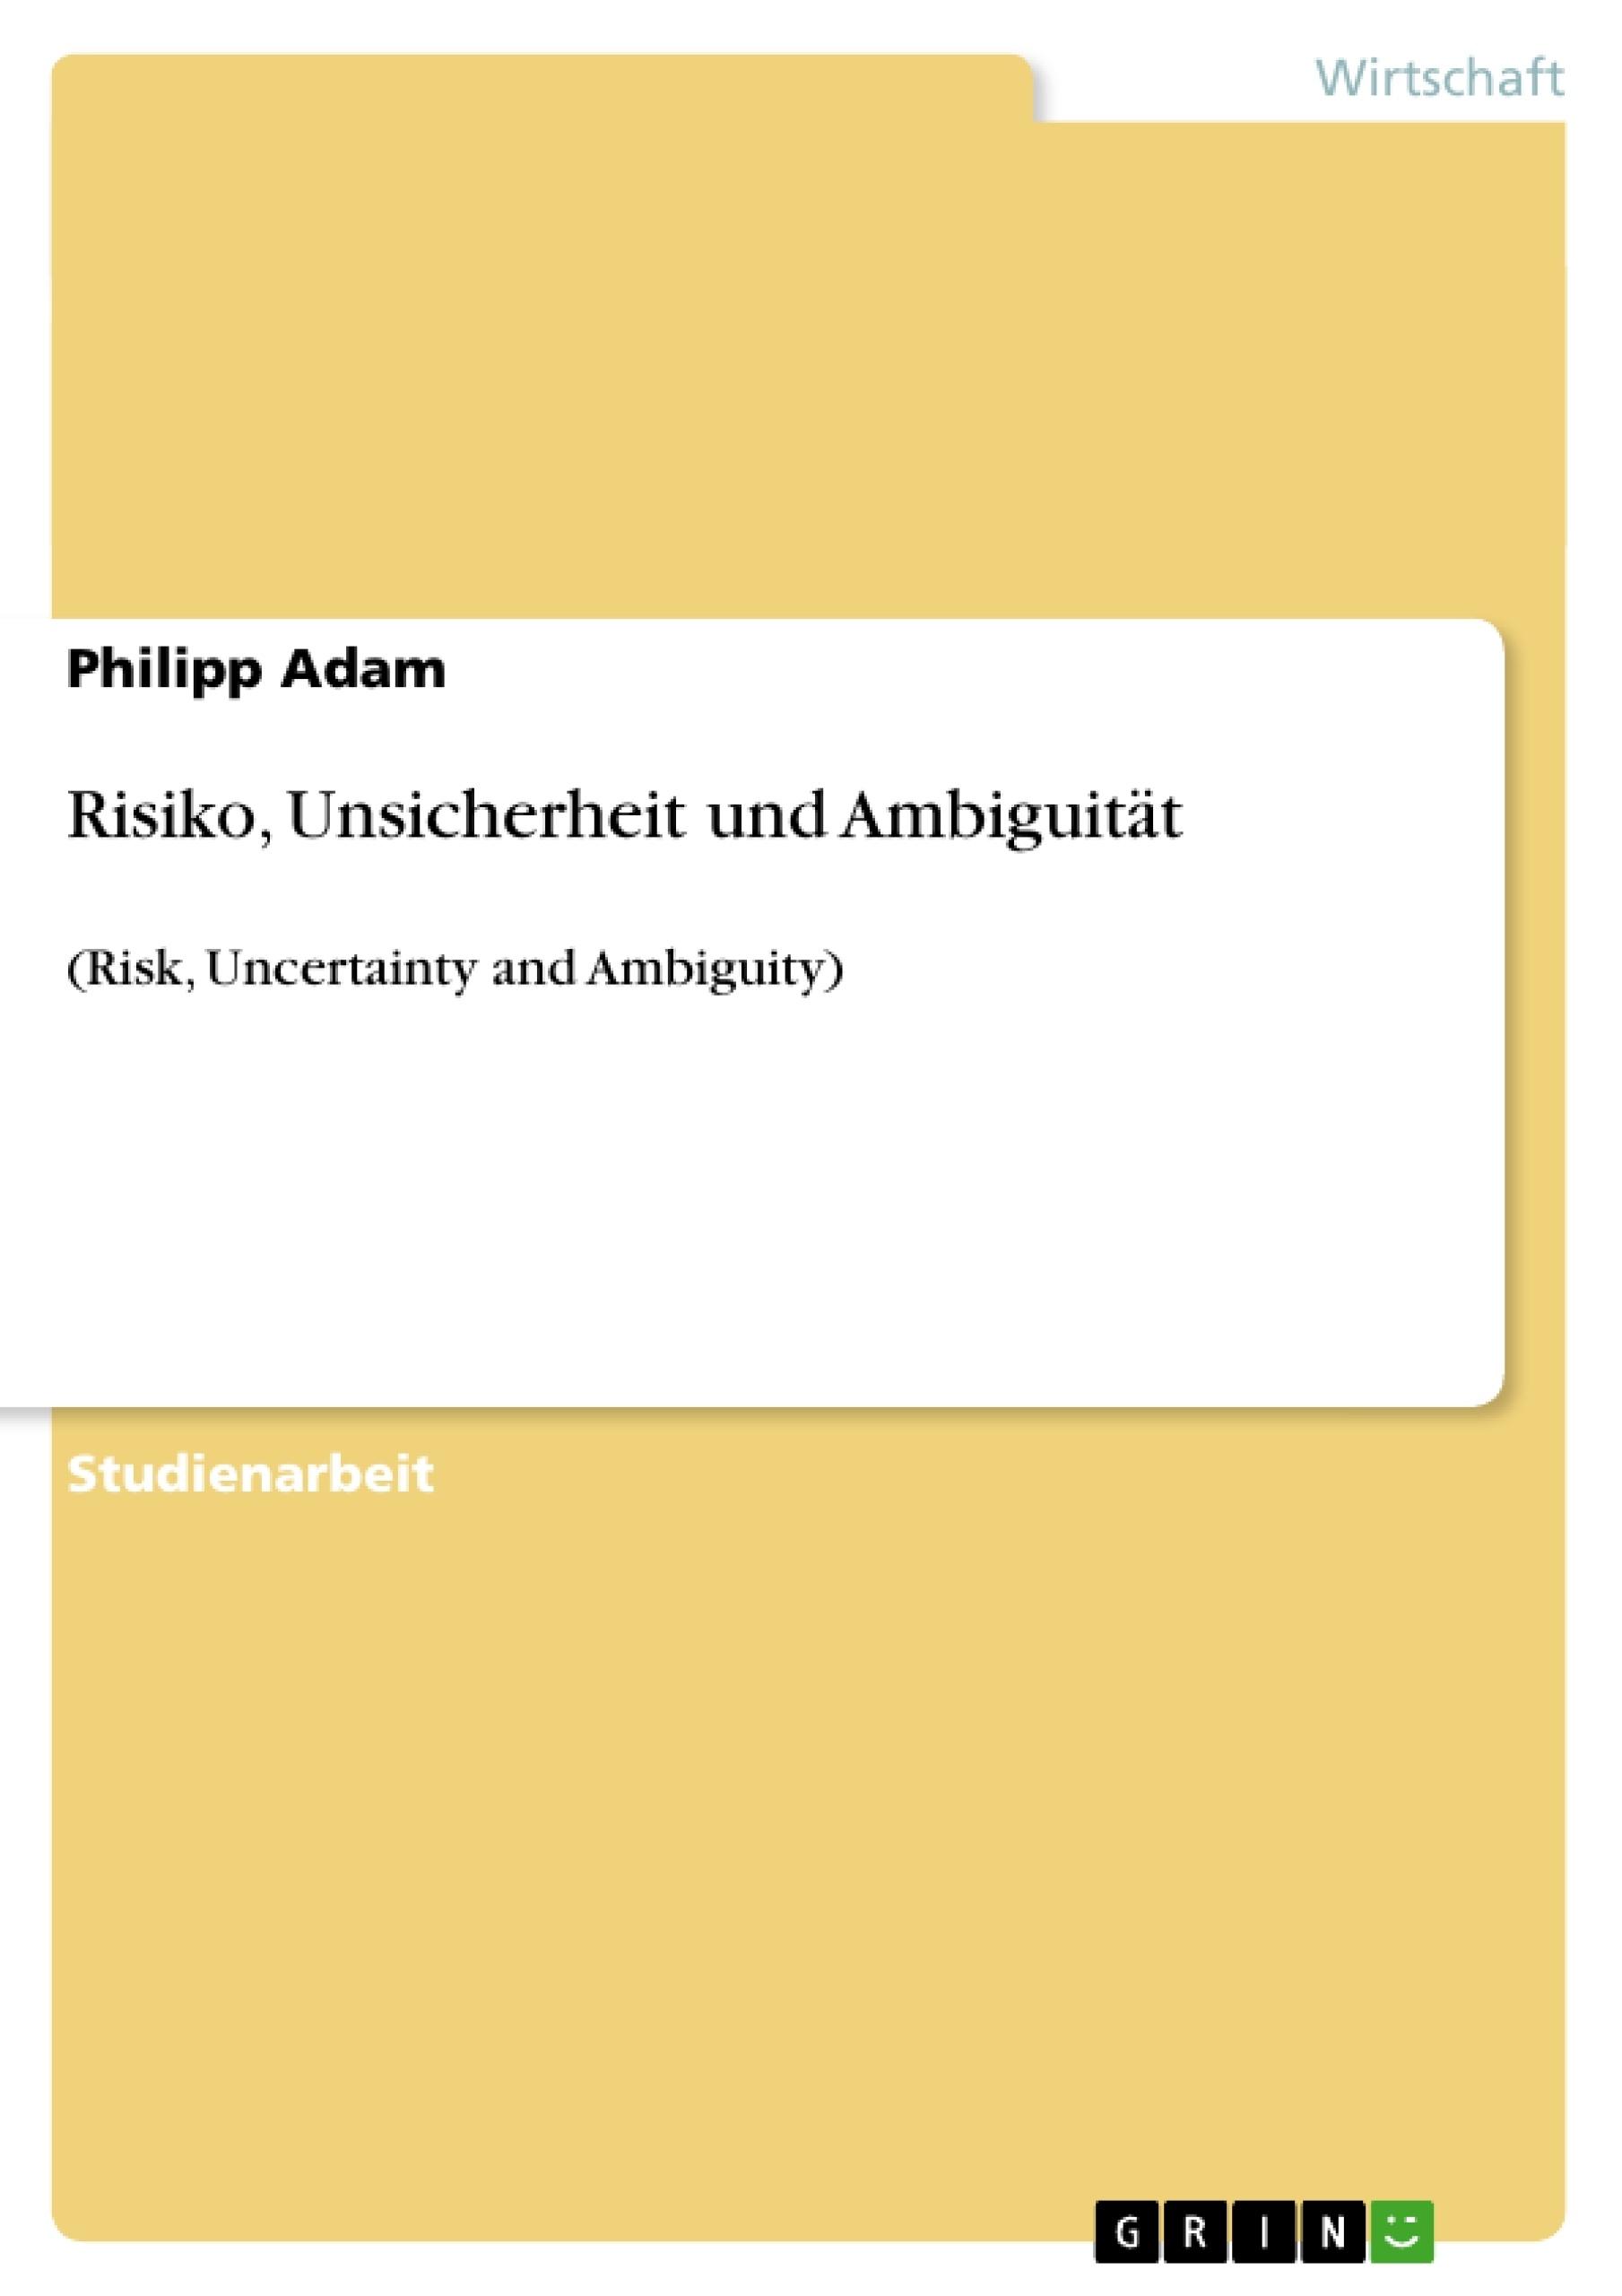 Titel: Risiko, Unsicherheit und Ambiguität